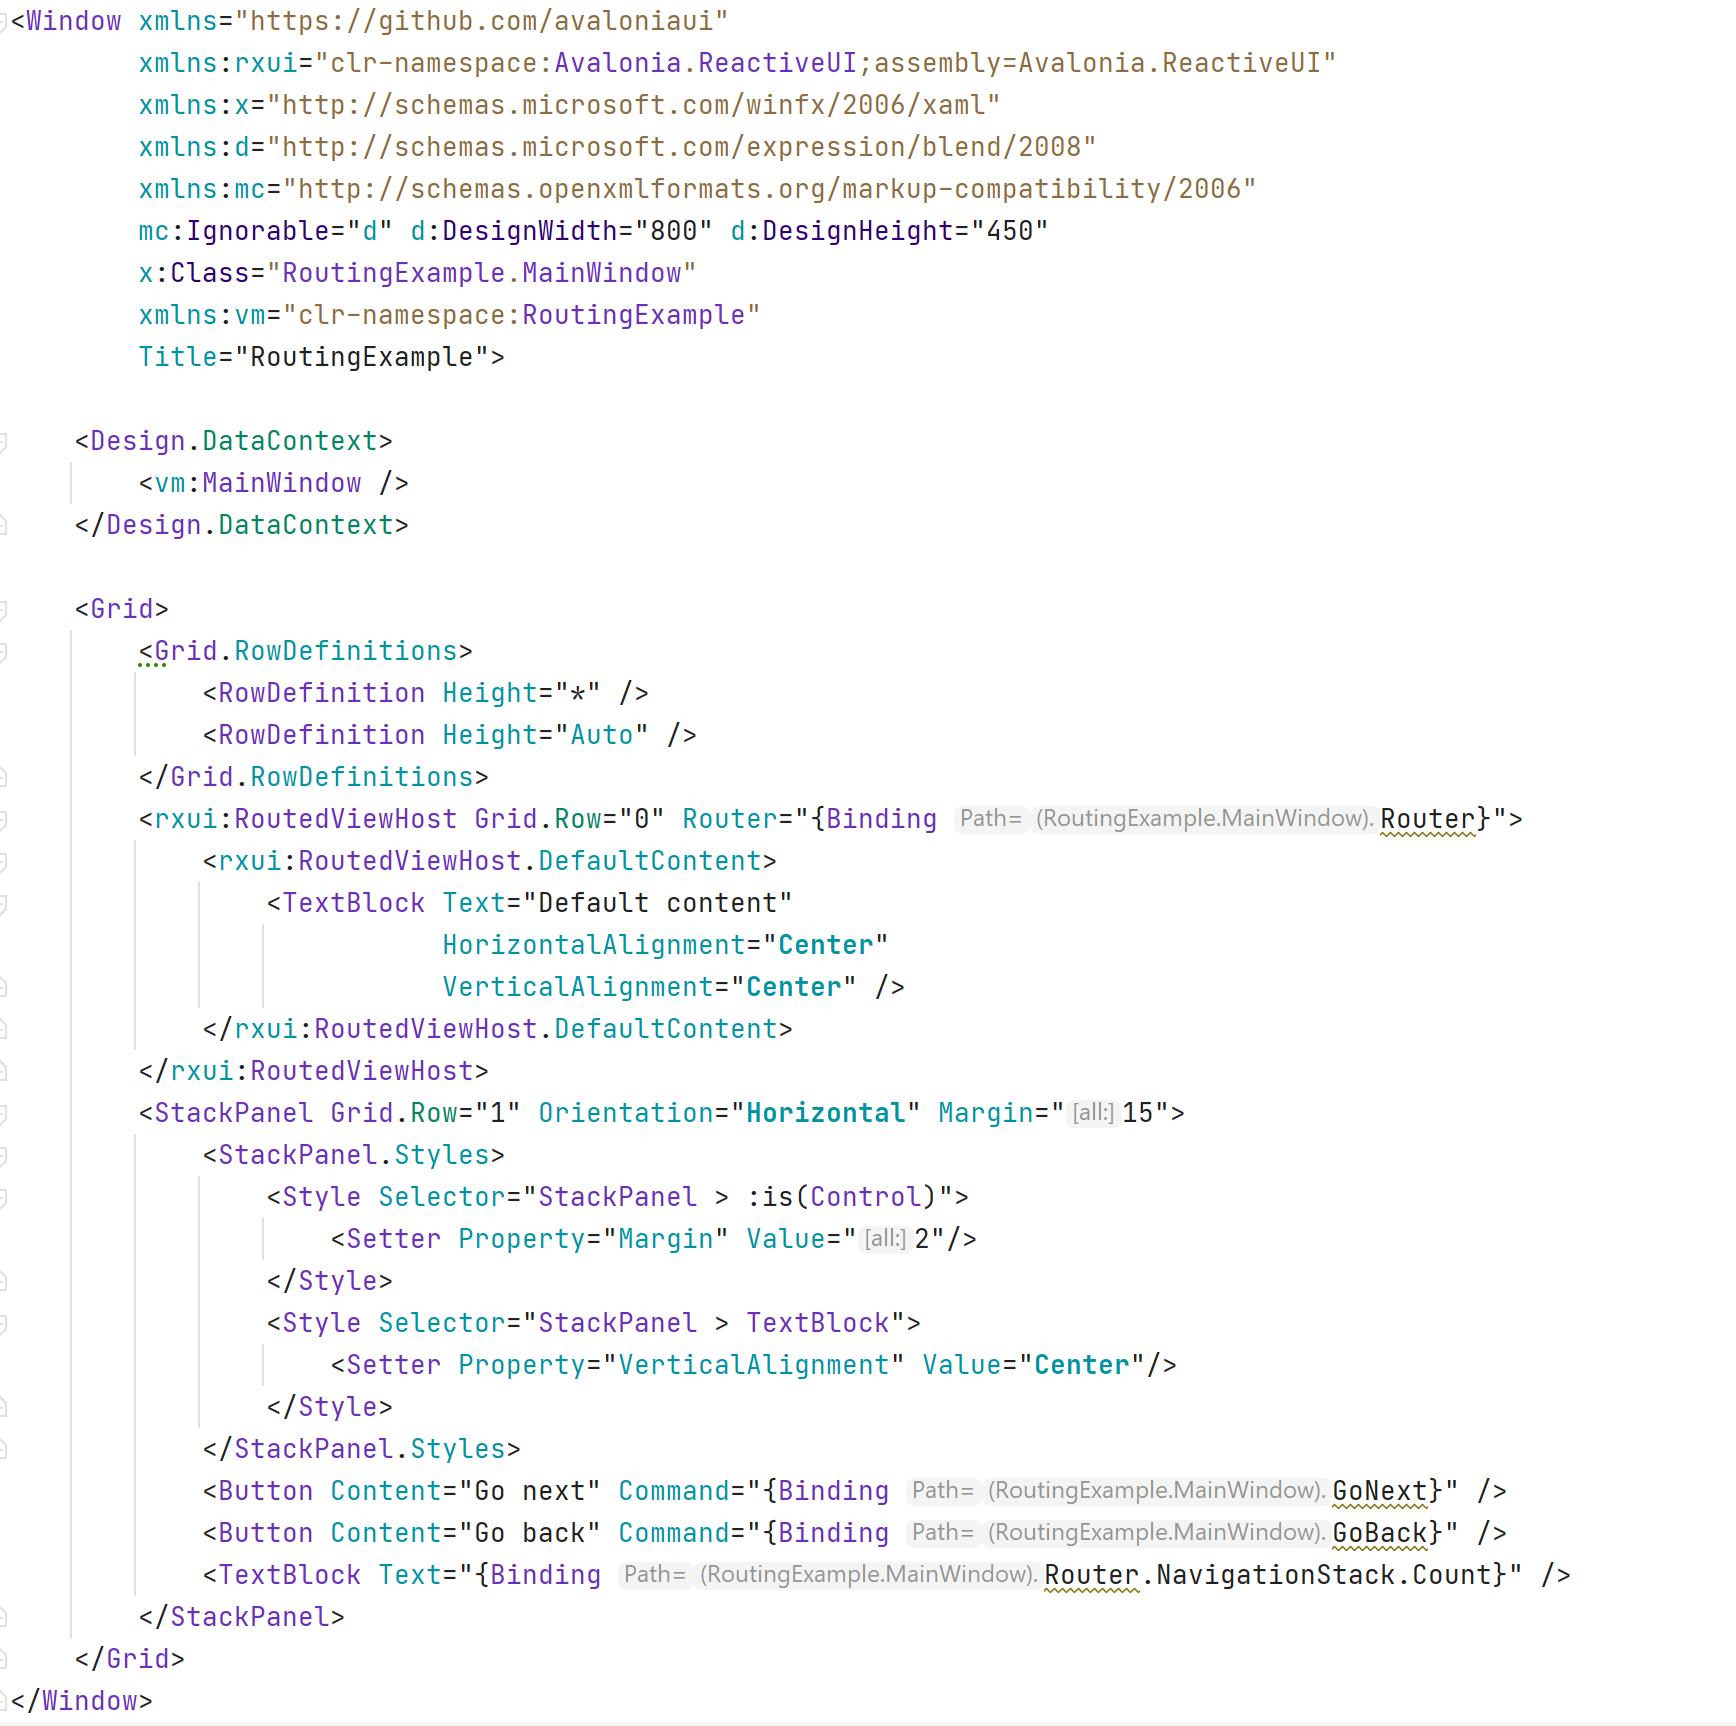 xaml seen in editor window with inlay hints